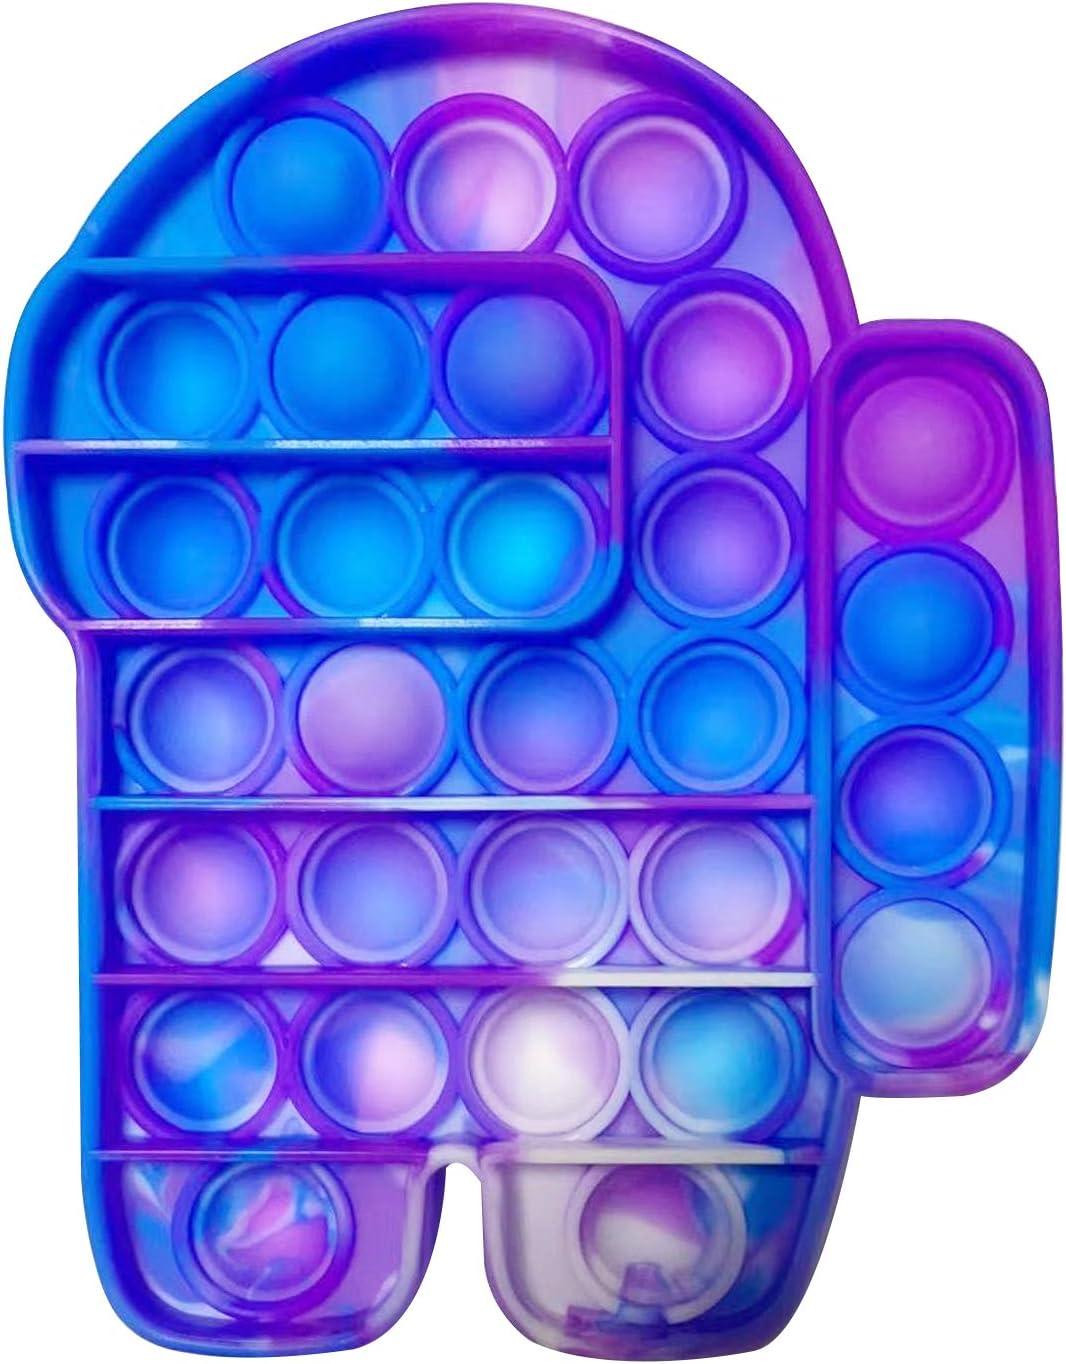 Pincez Sensorielle Jouet Push Pop Pop Bubble Sensory Fidget Toy Pousser Bubble Fidget Jouet Sensoriel Autisme Anti-stress De Silicone En Forme De Coeur Anti Anxi/ét/é Jouets Pour Enfants Adultes